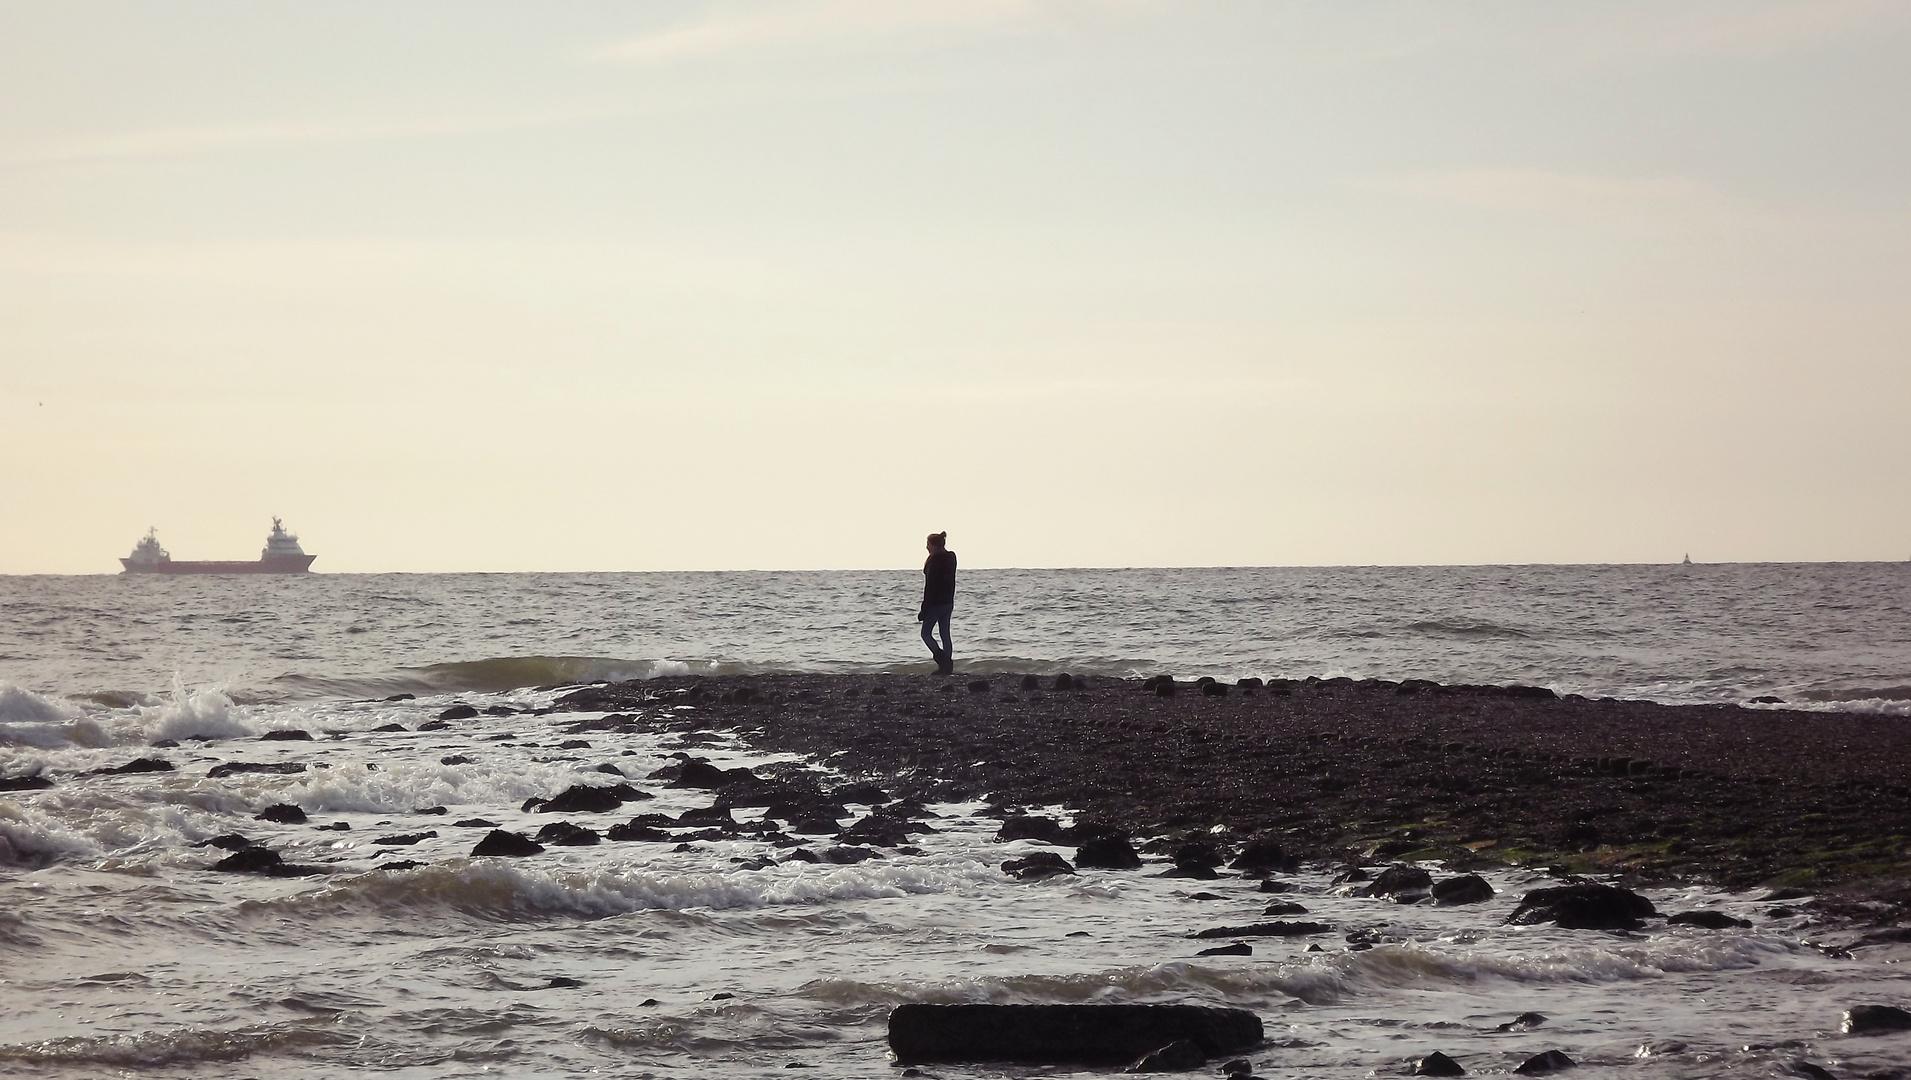 Glück ist wie das Meer - die Wellen kommen auch immer wieder.